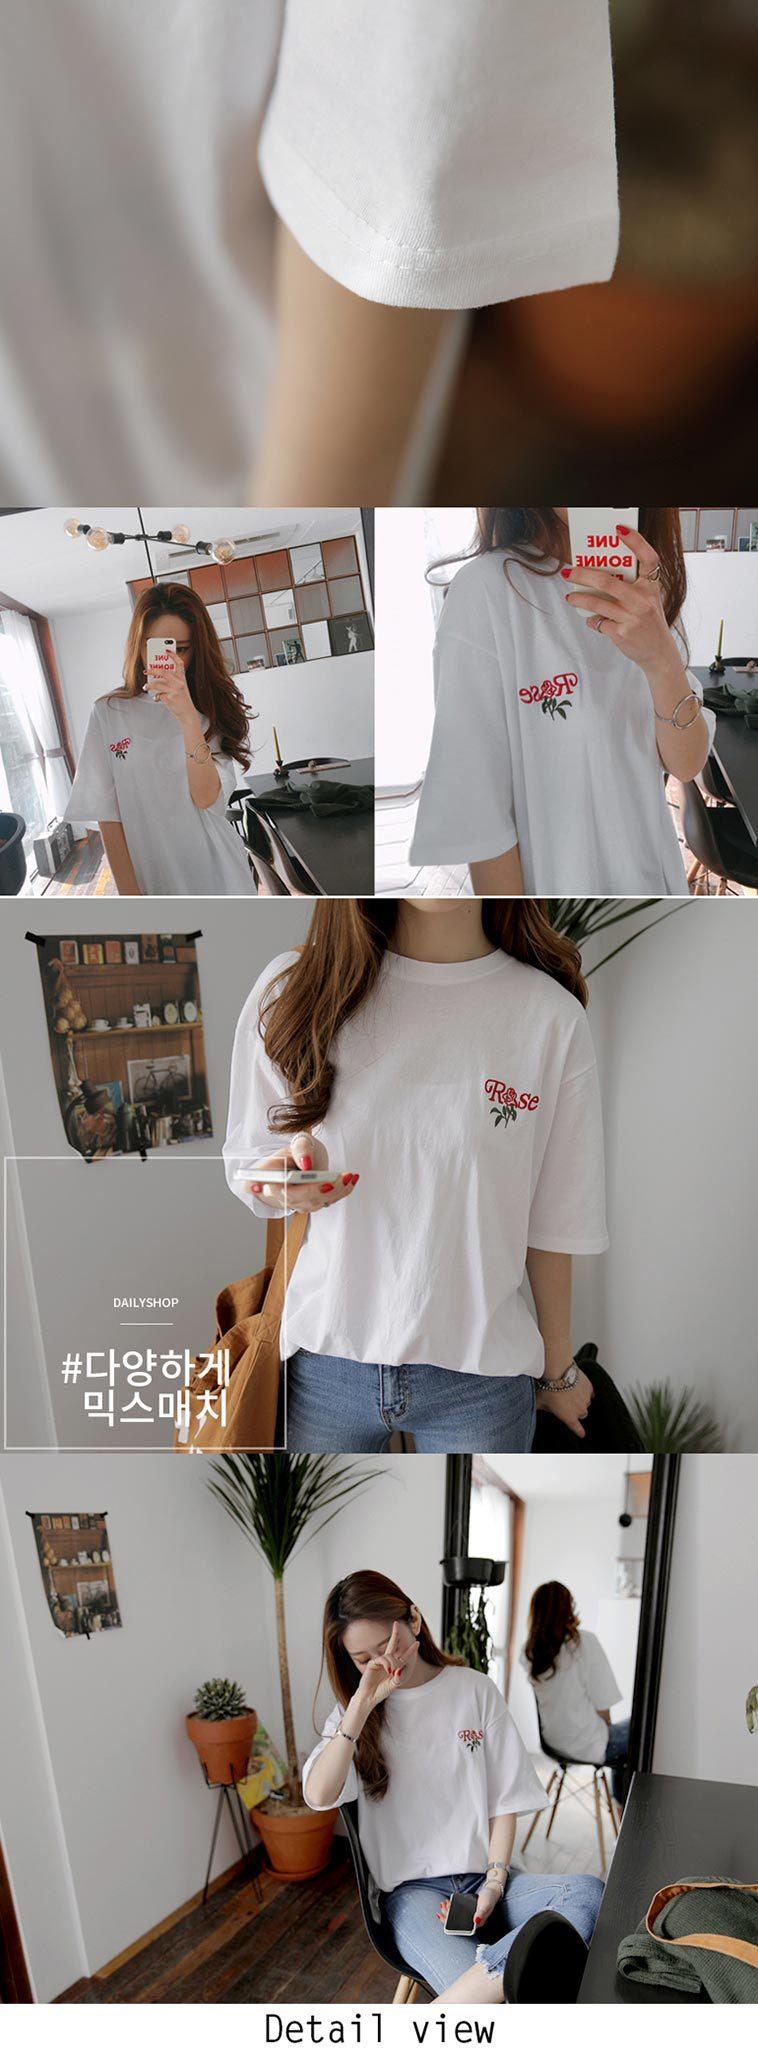 [무료배송] 신상 티셔츠/원피스 특가 - 상세정보